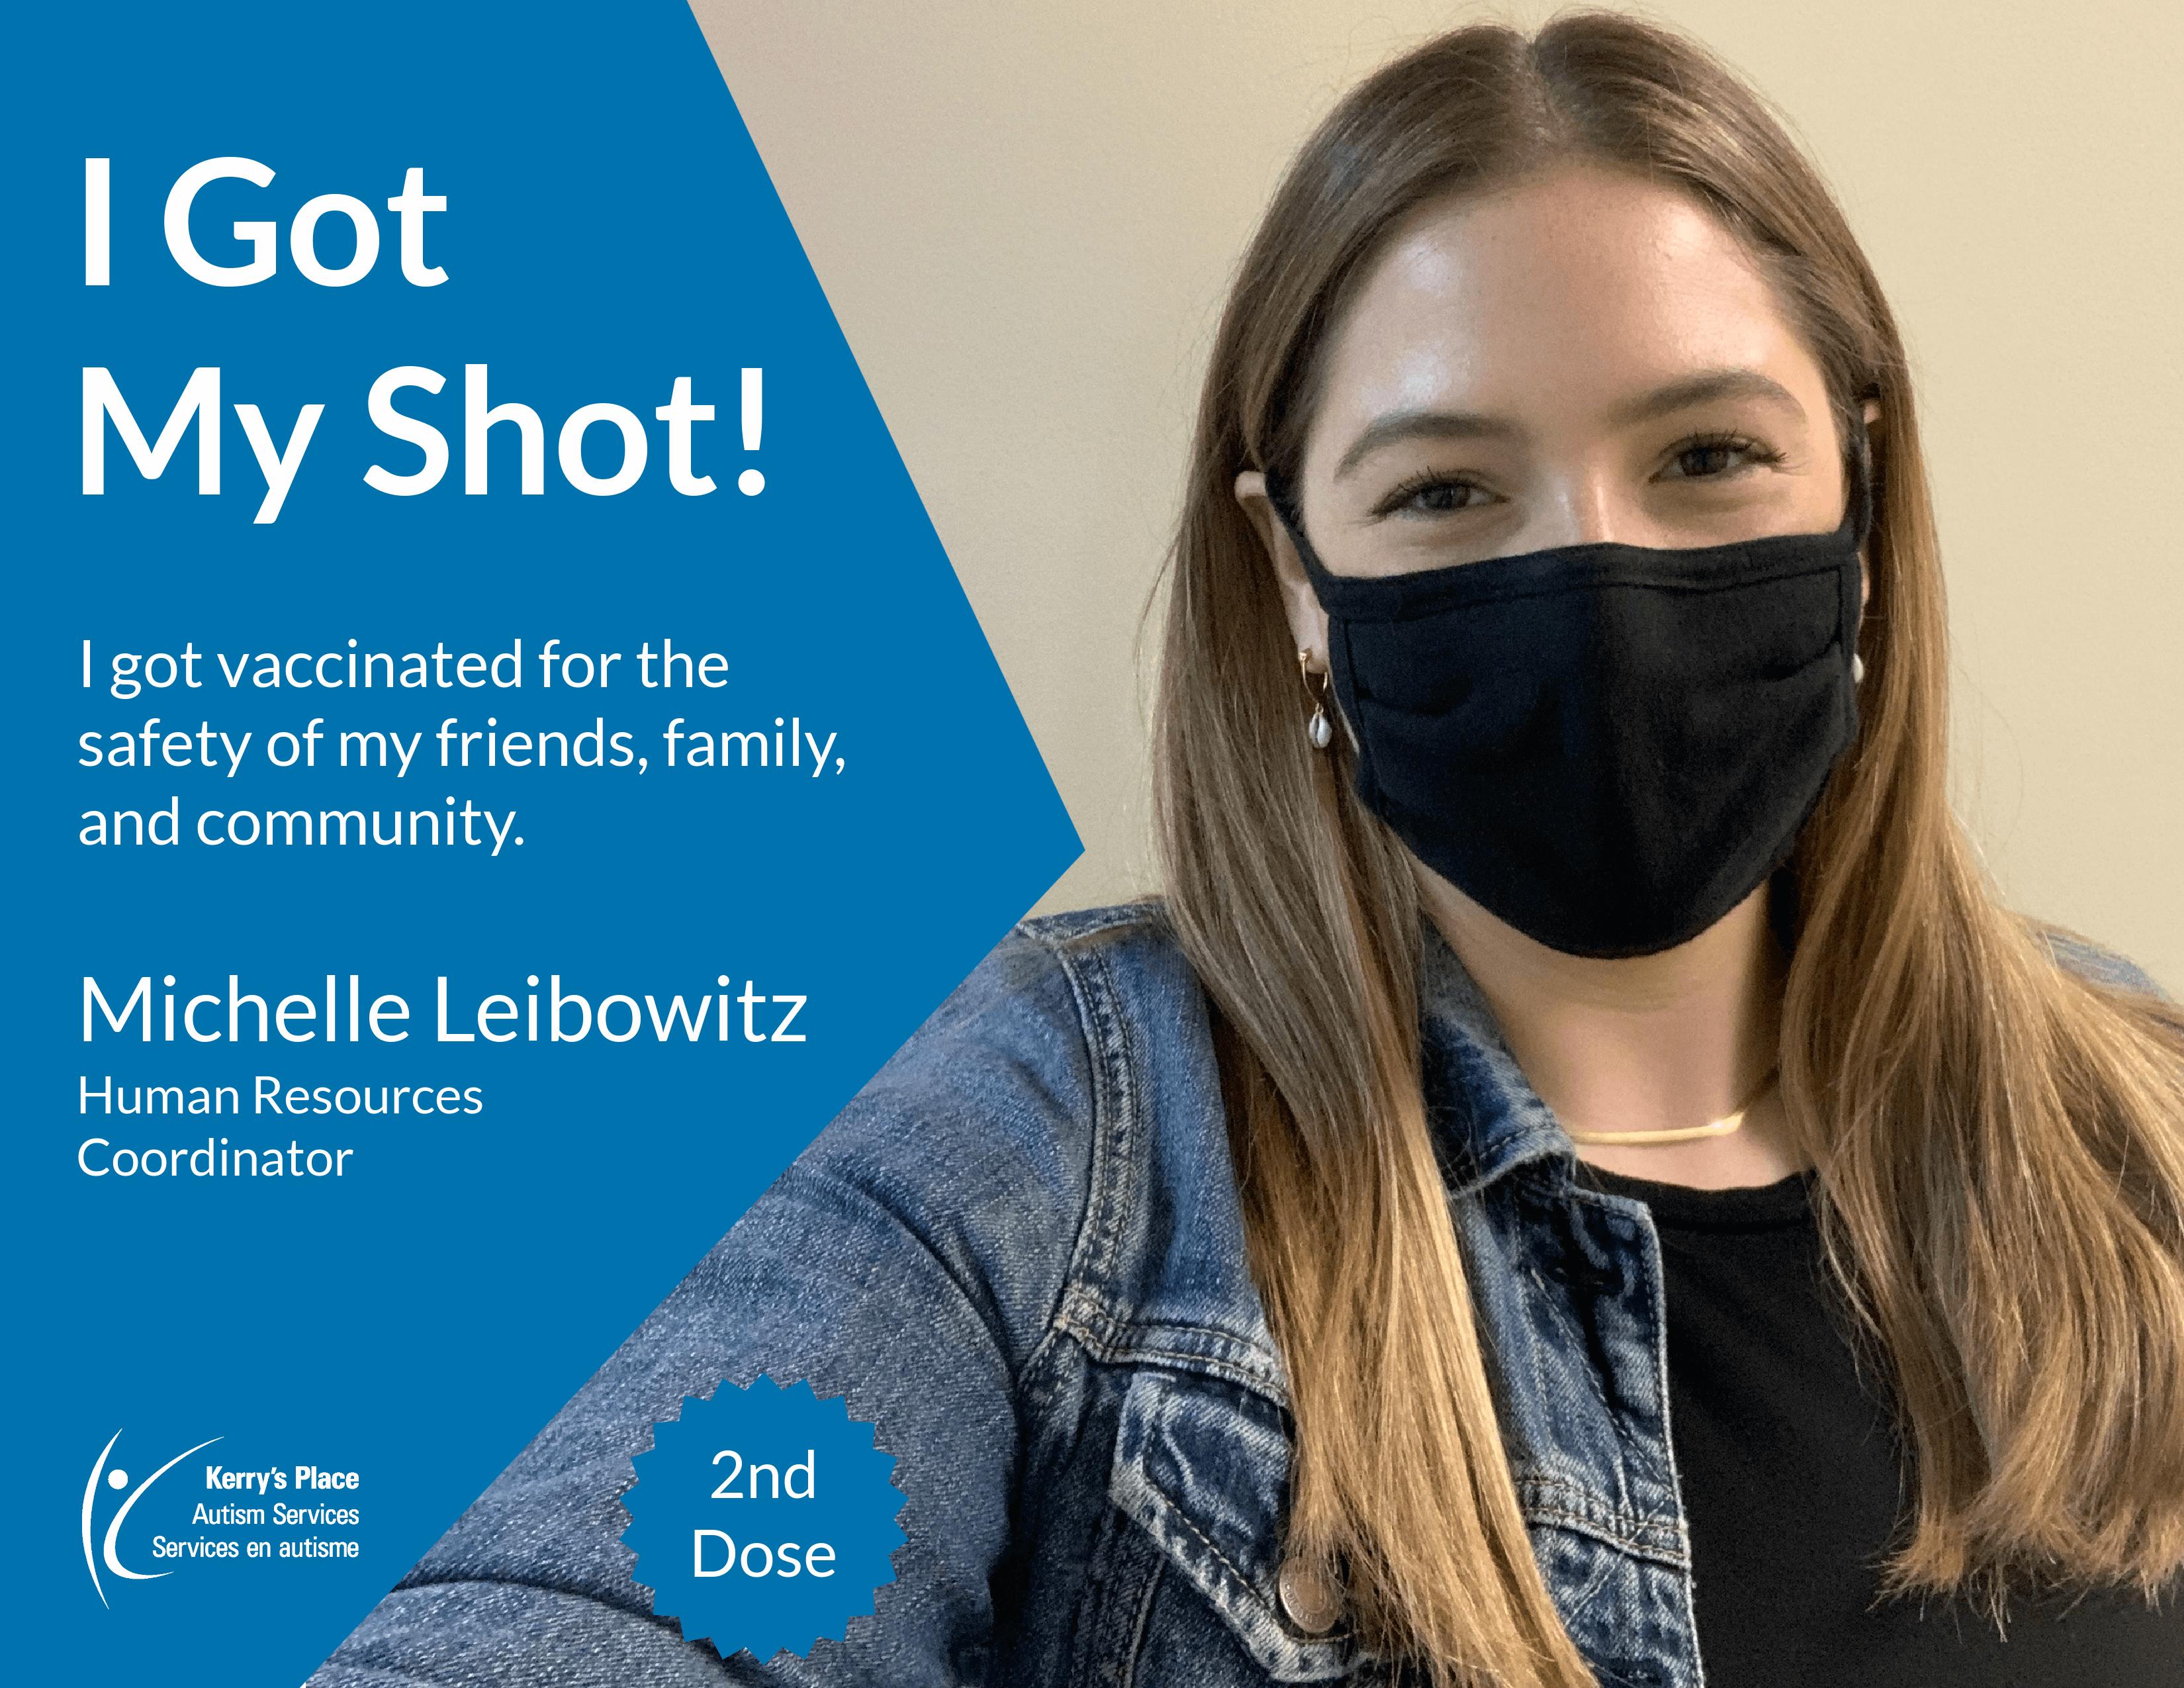 019_i-got-my-shot_michelle-leibowitz